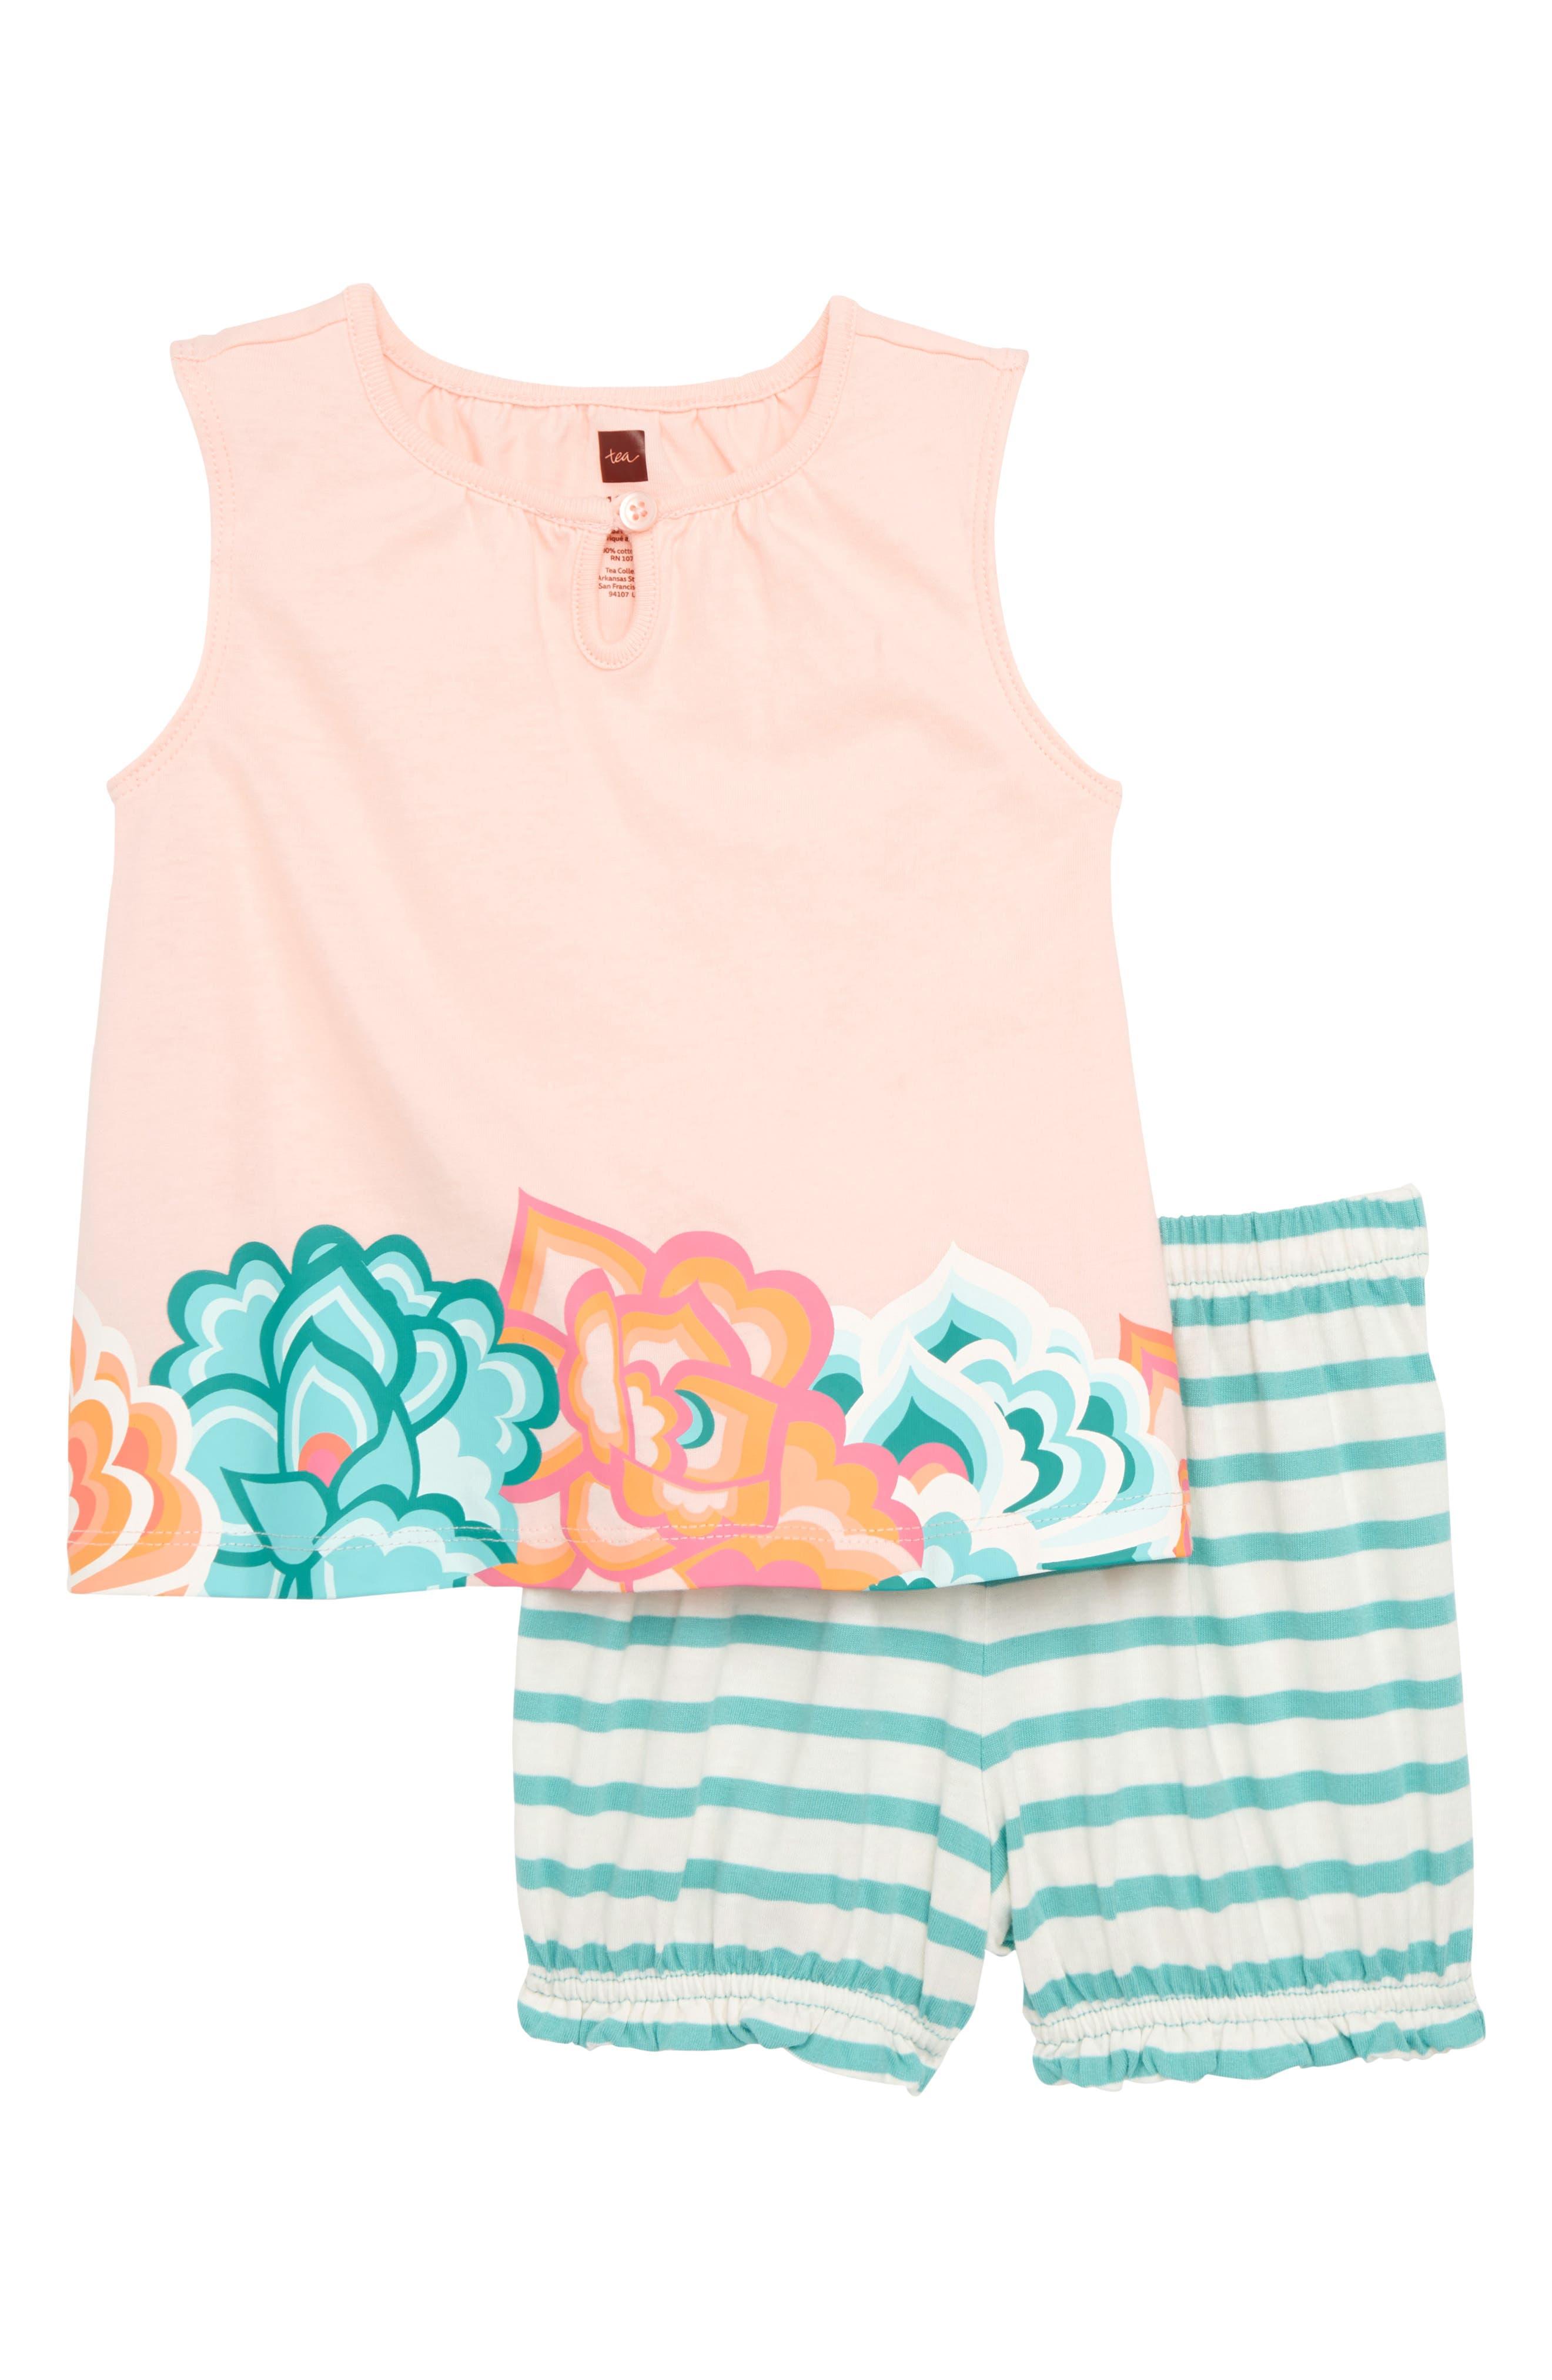 Floral Ruffle Top & Shorts Set,                             Main thumbnail 1, color,                             Pink Gloss